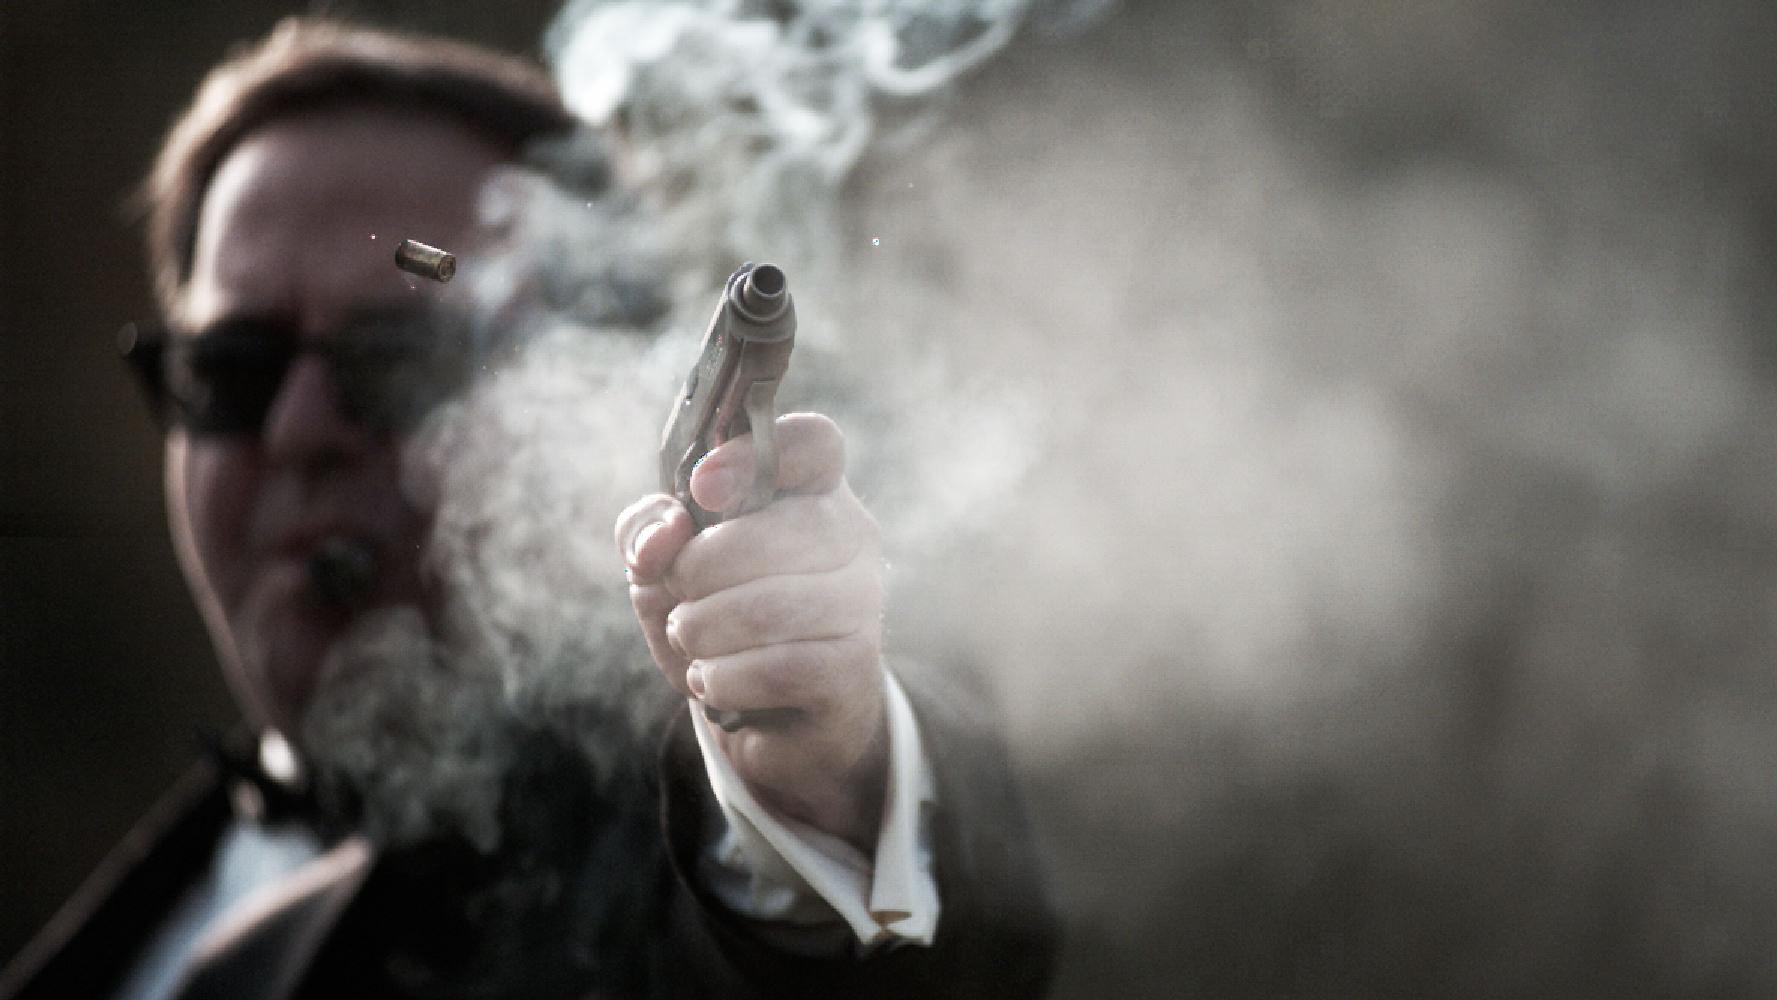 Firearms -